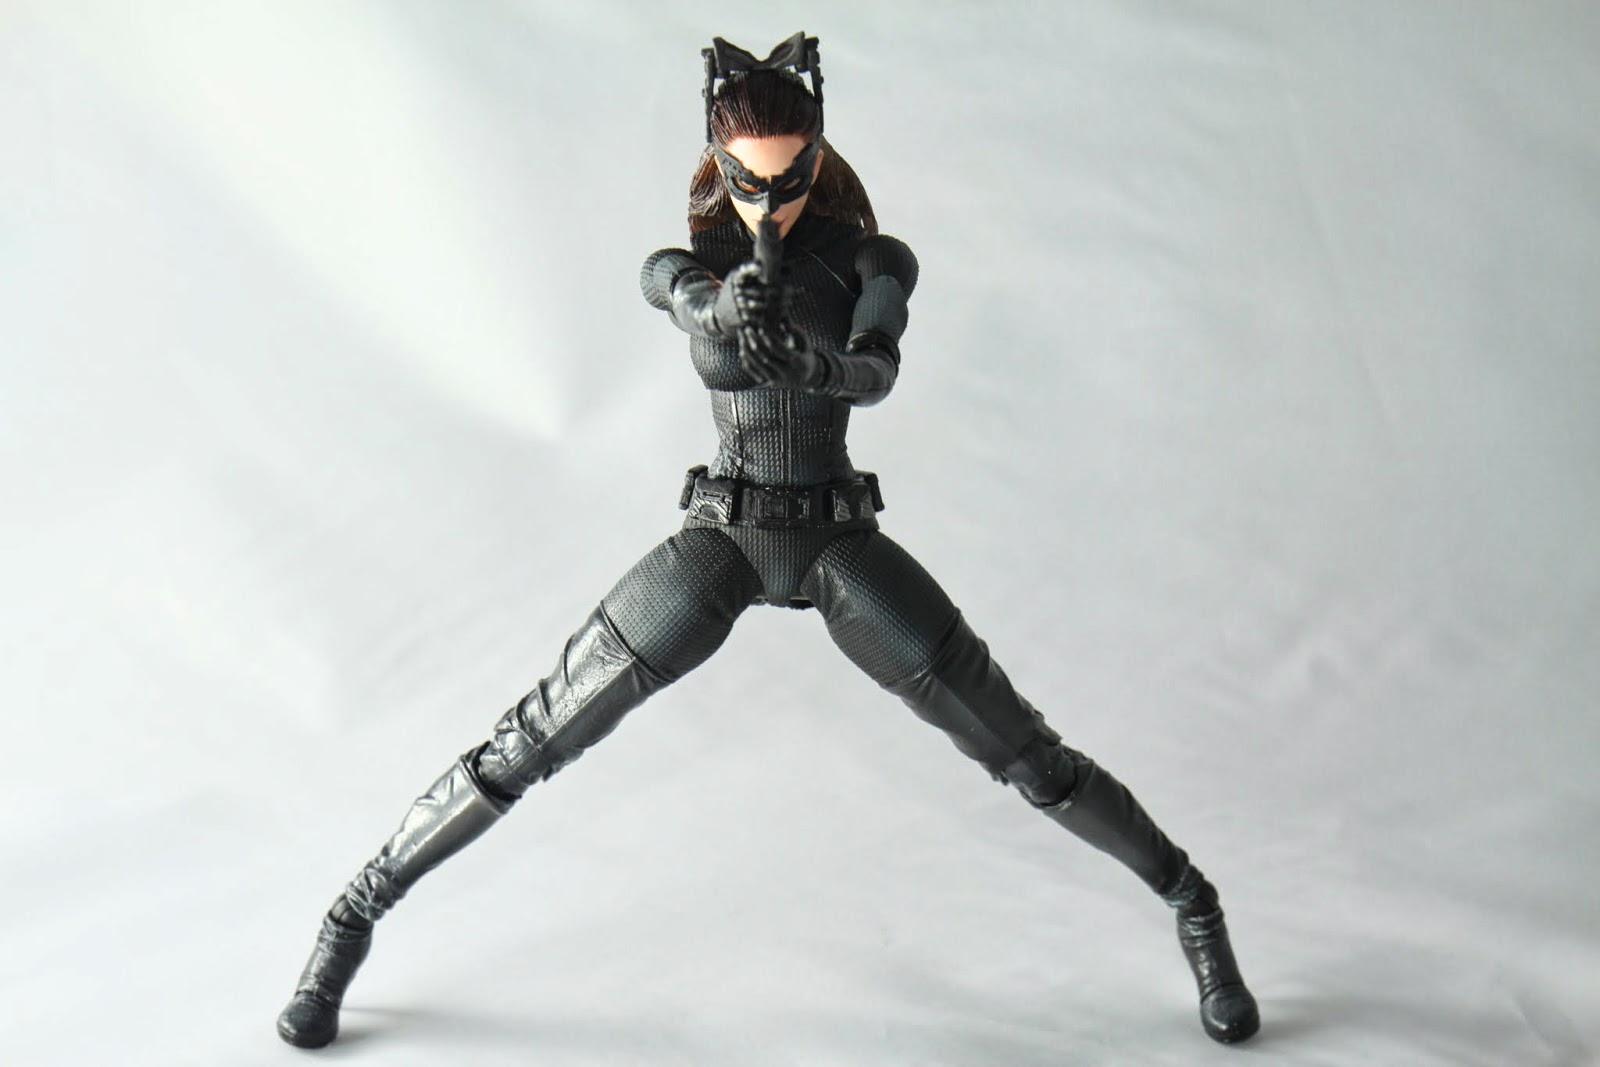 腰部可動不佳 加上頸部沒有關節 事實上能擺的性感姿勢很有限啊喵 身為貓女但不能用個貓背姿勢